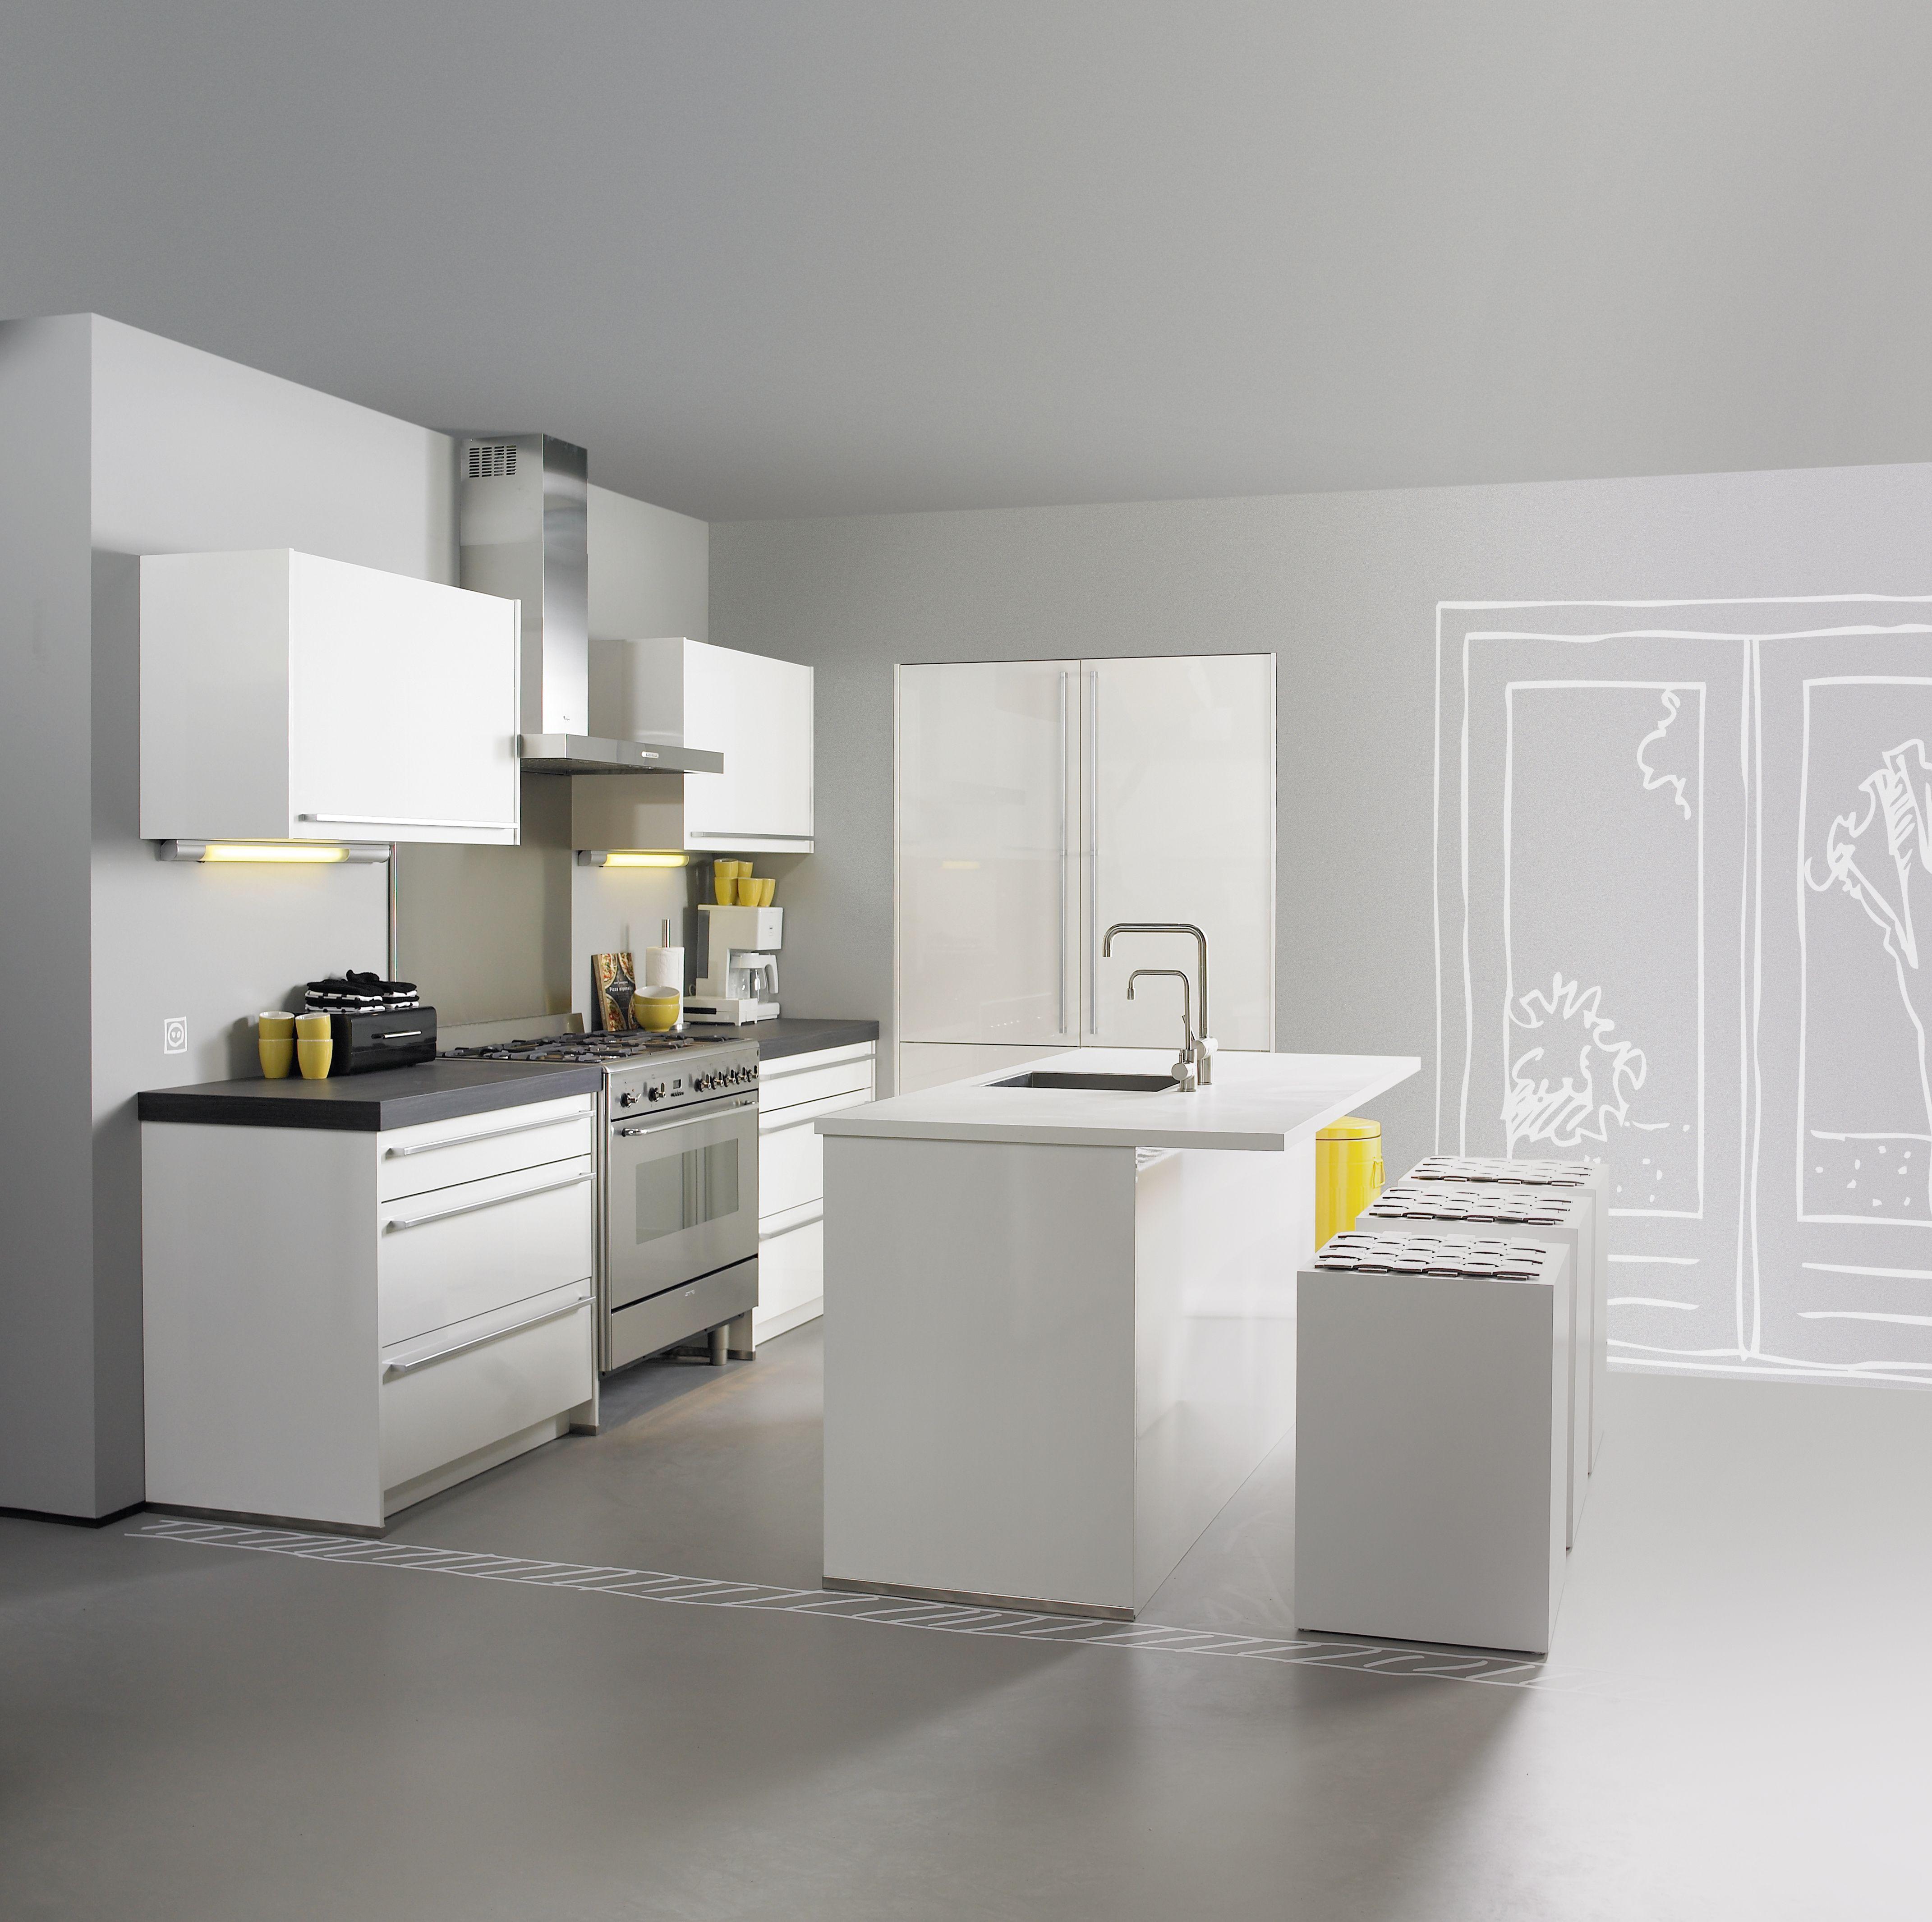 Keuken banks ruime eilandopstelling waarin luxe naadloos combineert met gemak met extra brede - Keuken met bank ...